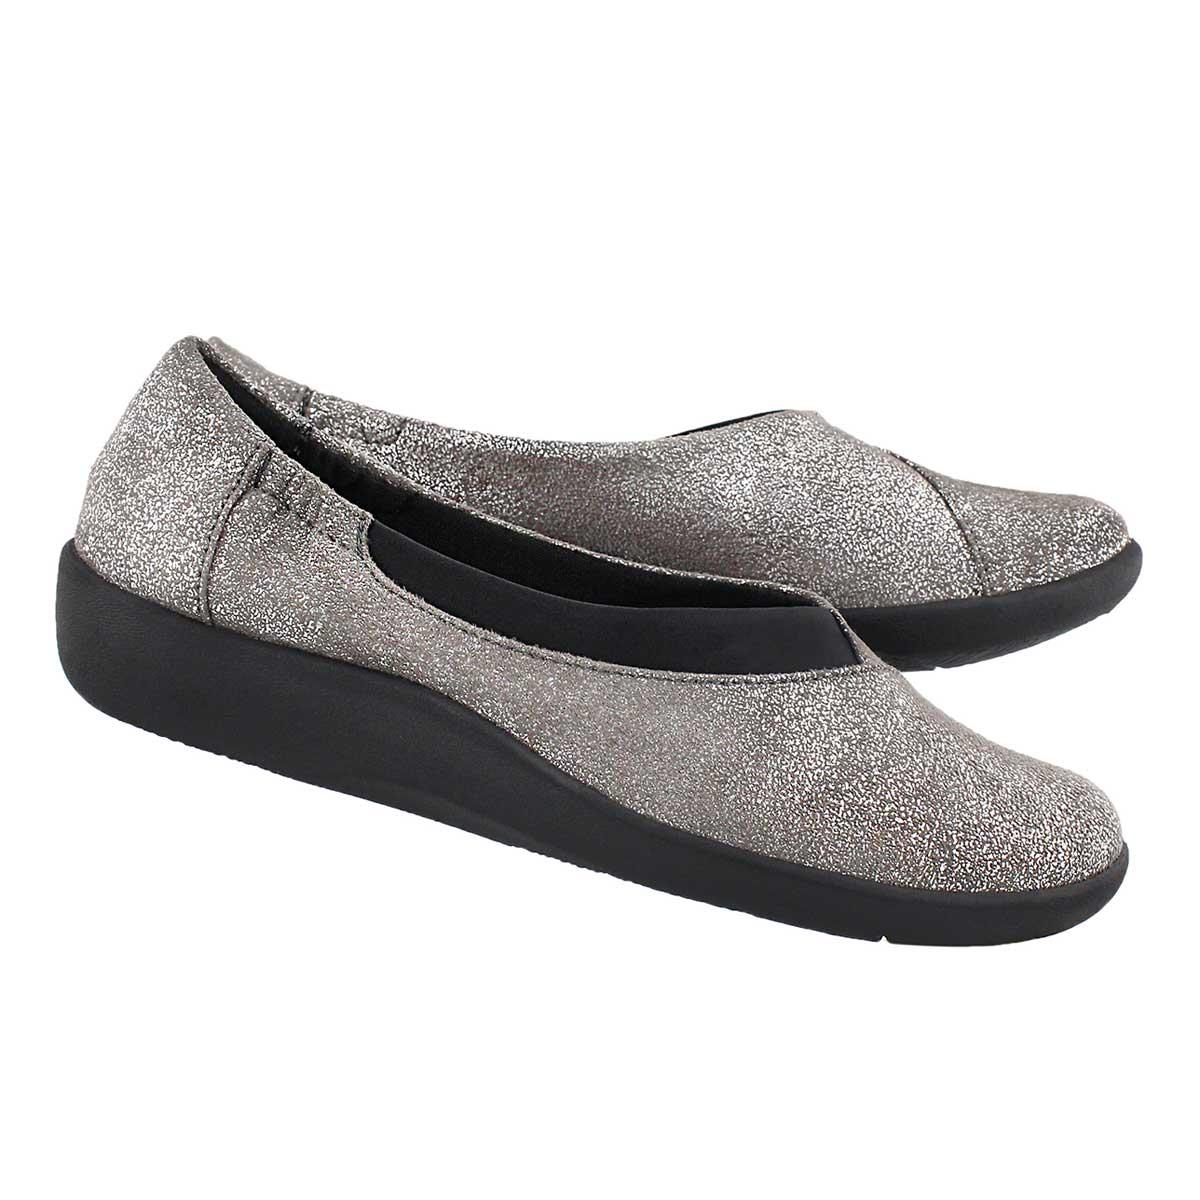 Lds Sillian Jetay silver casual slip on